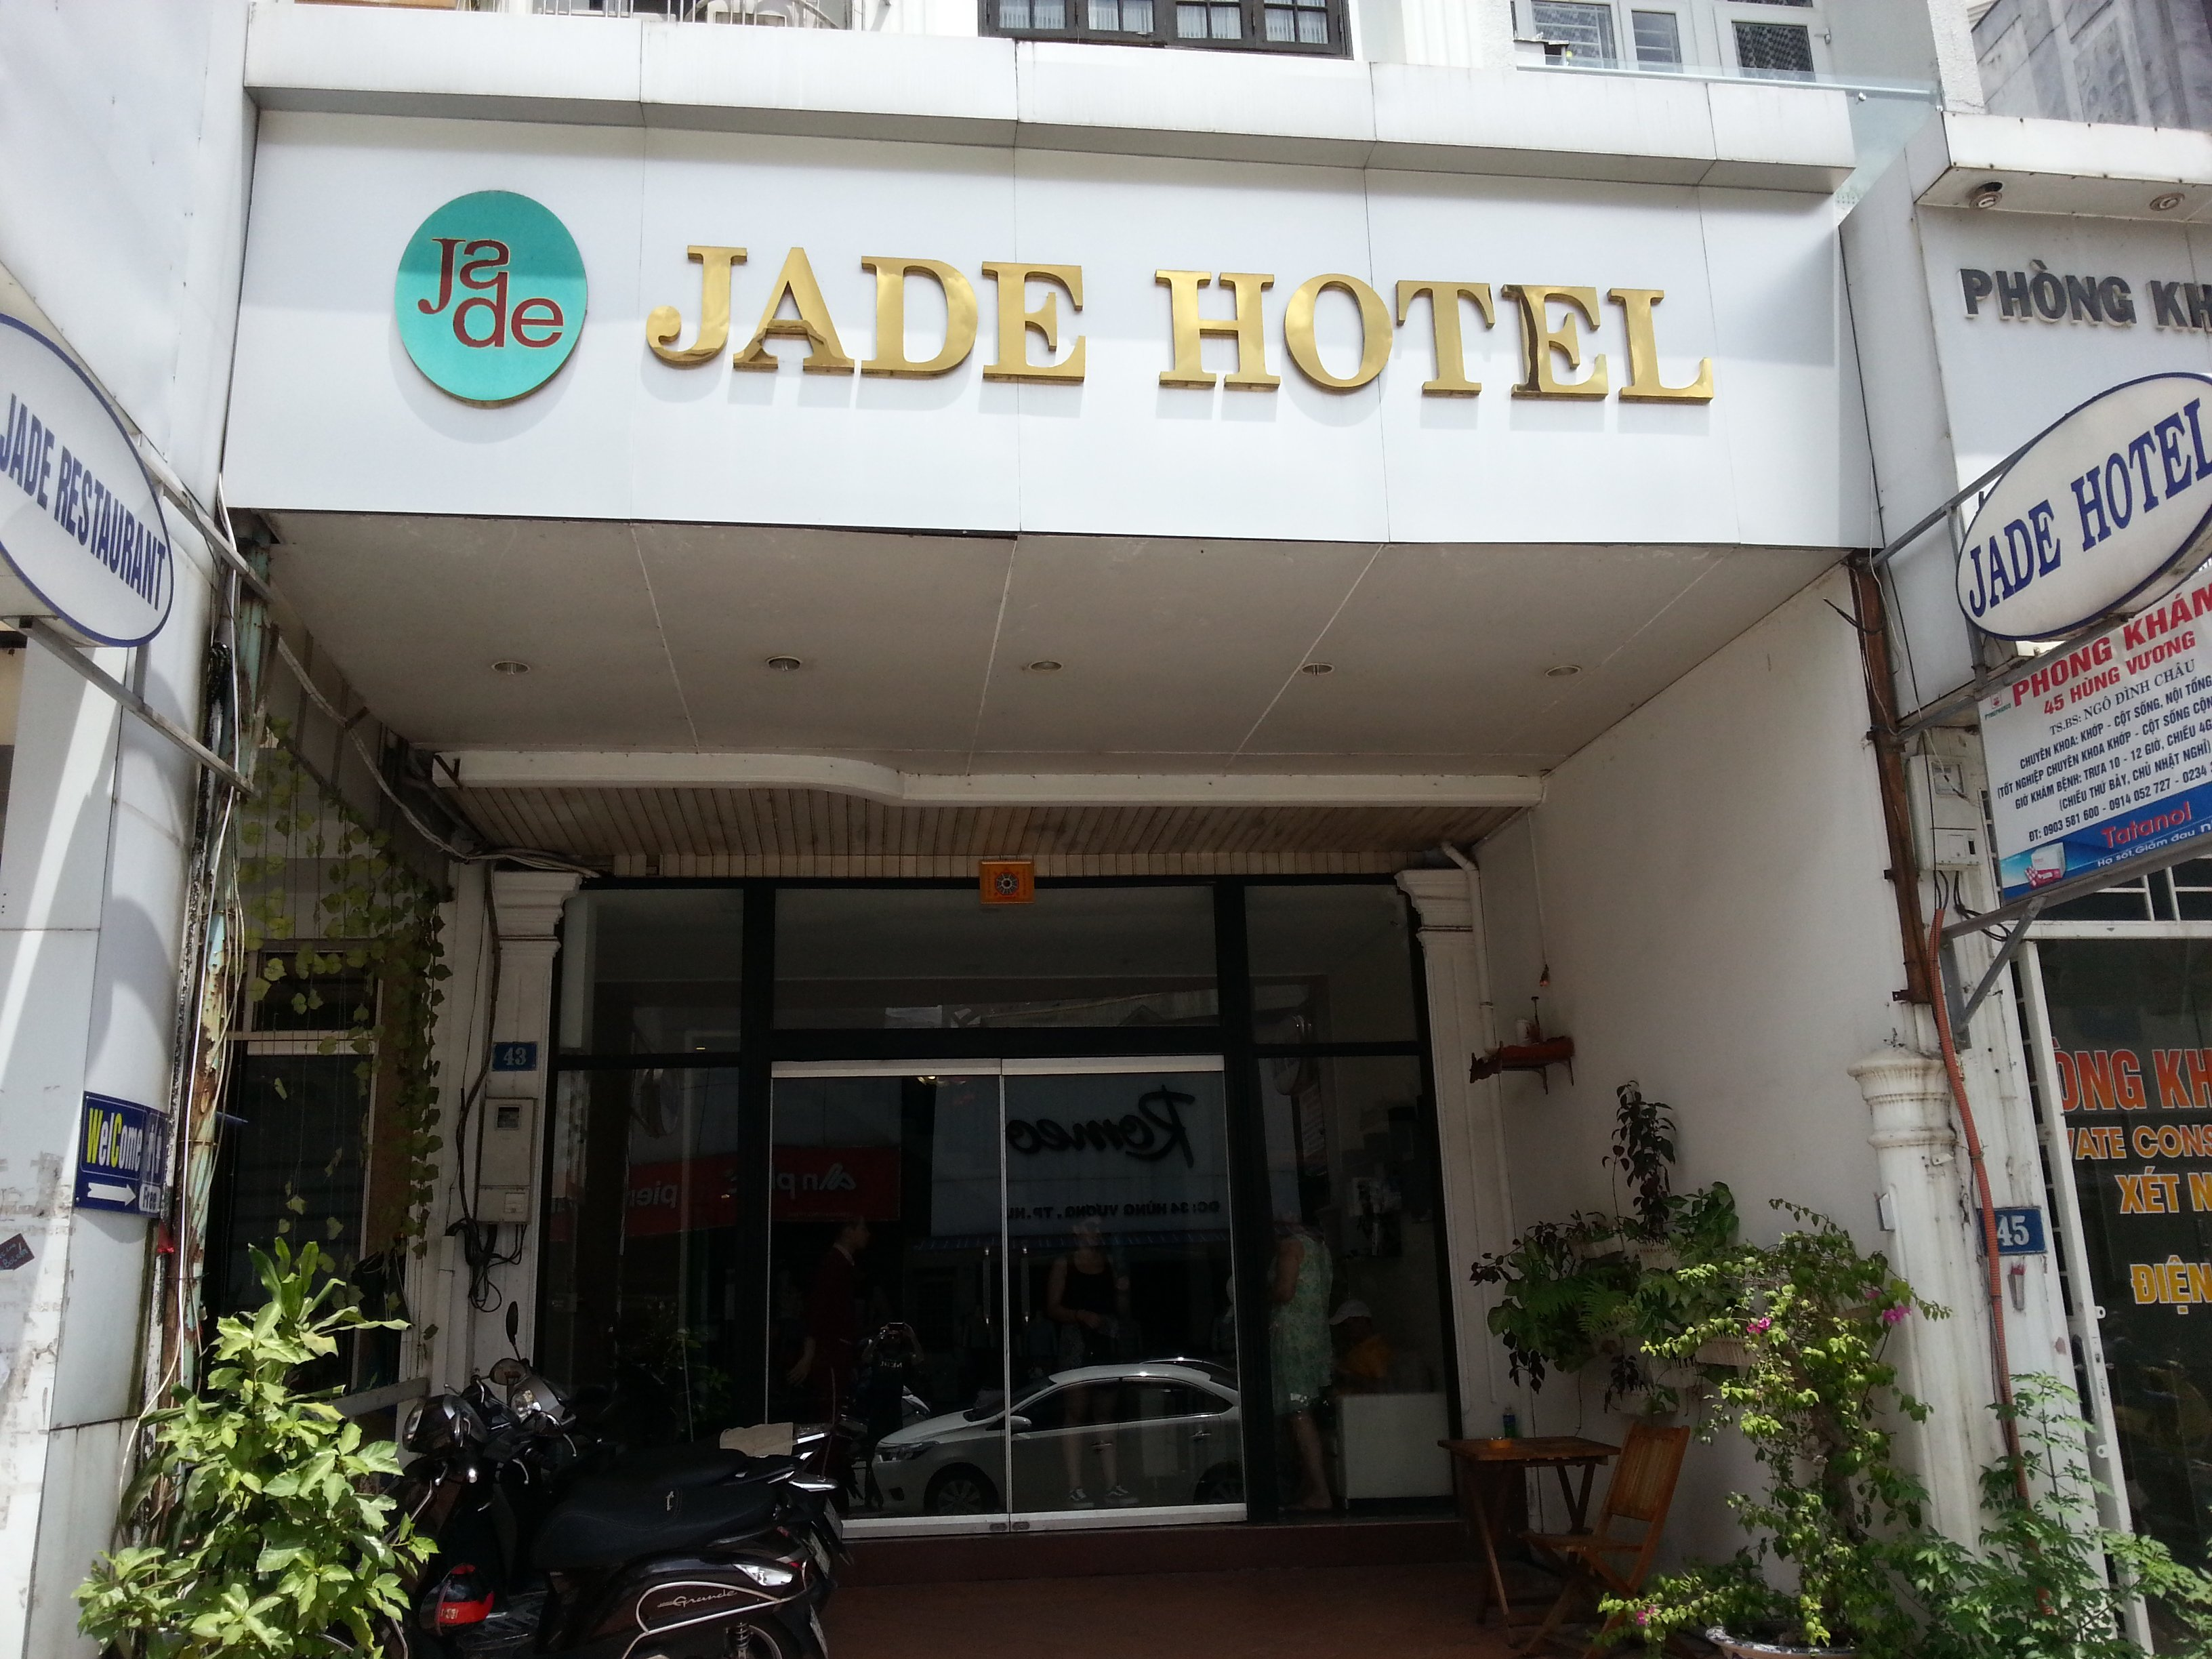 Jade Hotel in Hue